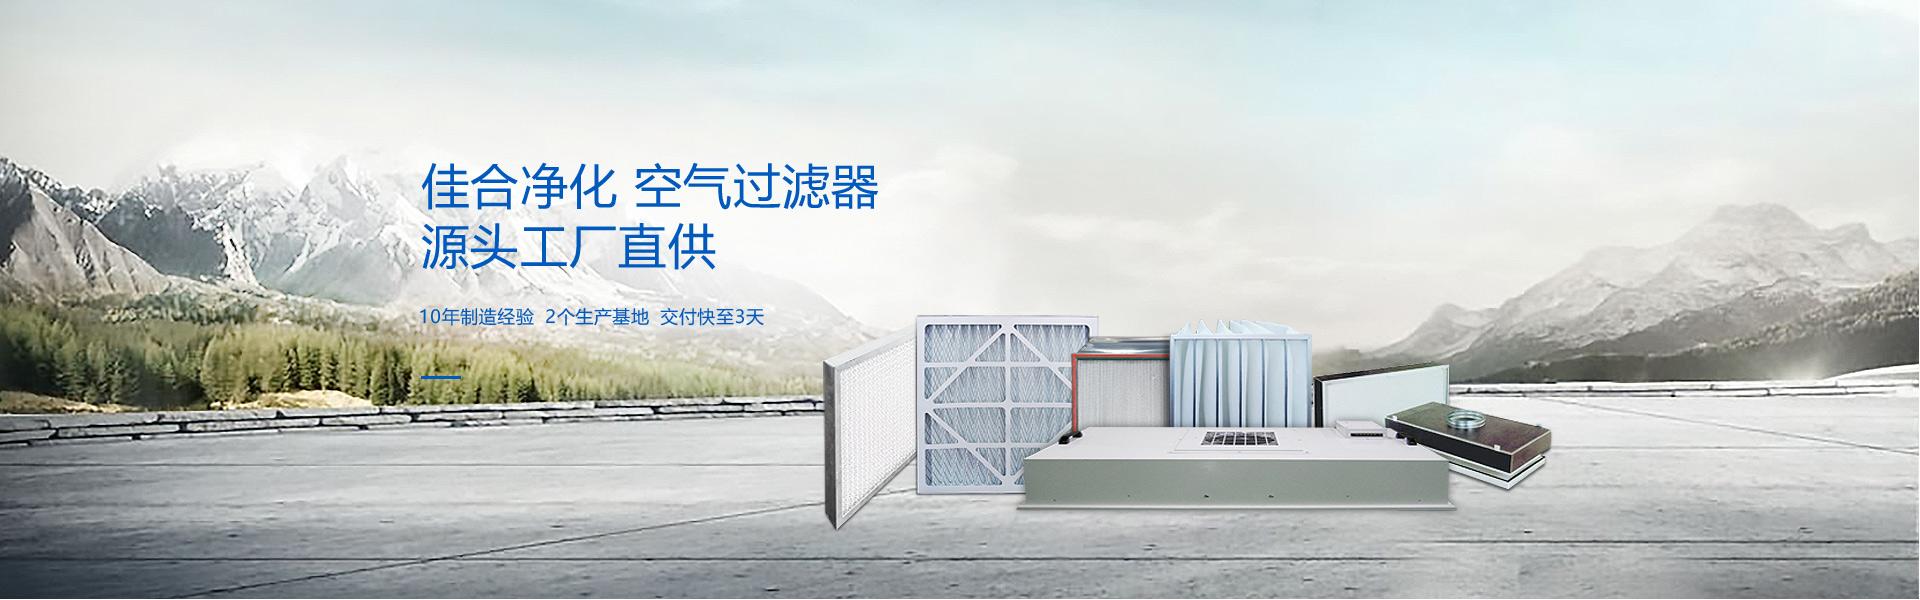 佳合净化 空气过滤器源头工厂直供  10年制造经验  2个生产基地  交付快至3天